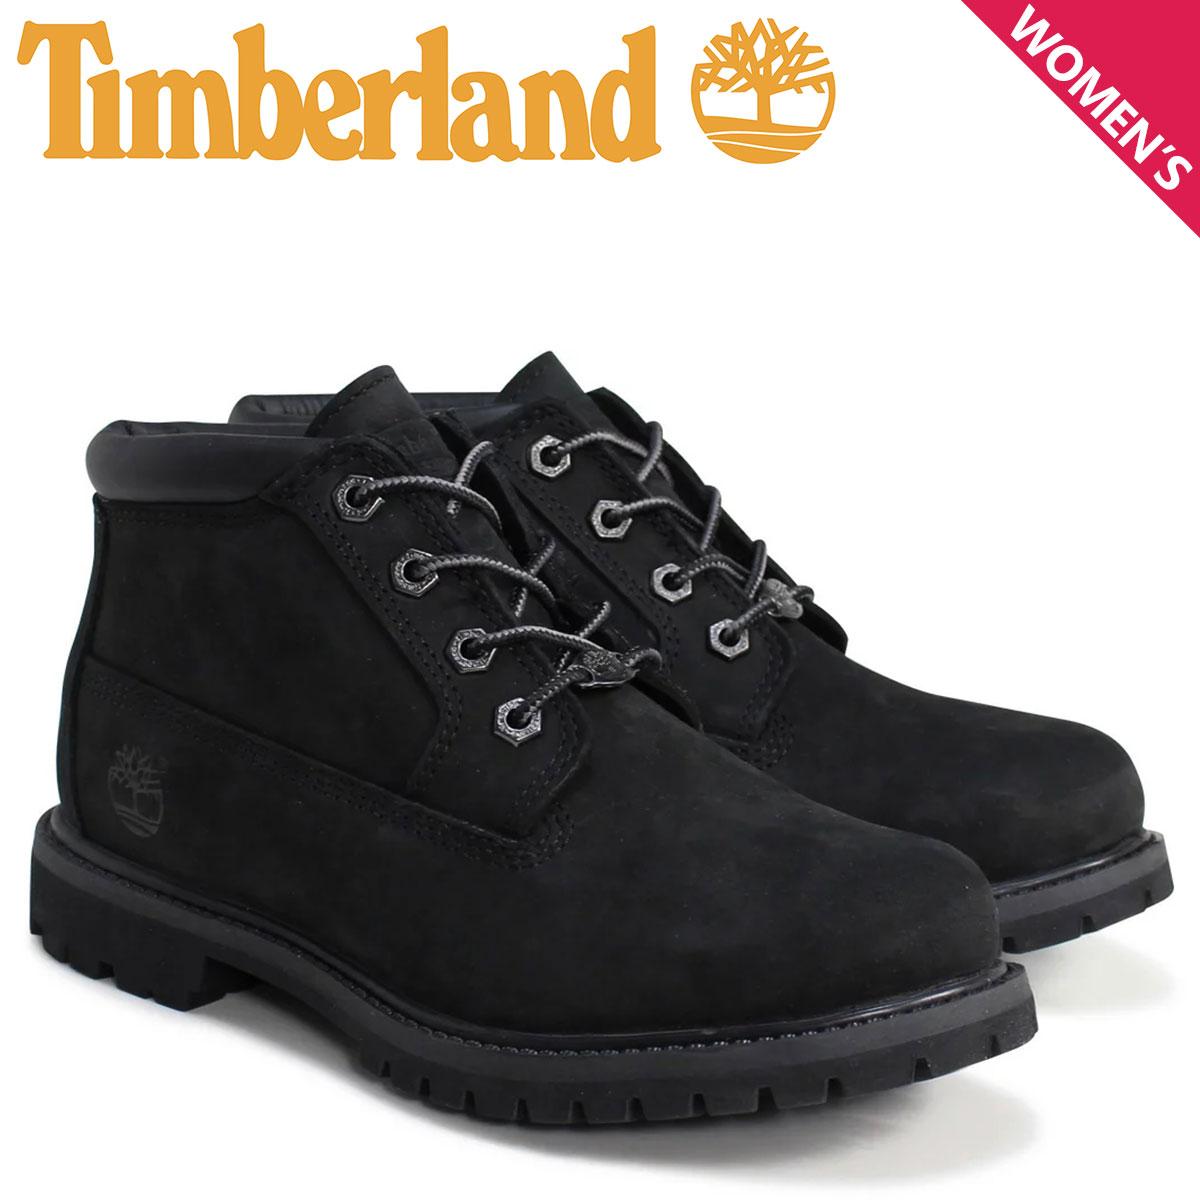 ティンバーランド チャッカ レディース Timberland ブーツ WOMEN'S NELLIE WATERPROOF CHUKKA BOOTS 23398 Wワイズ 防水 ブラック